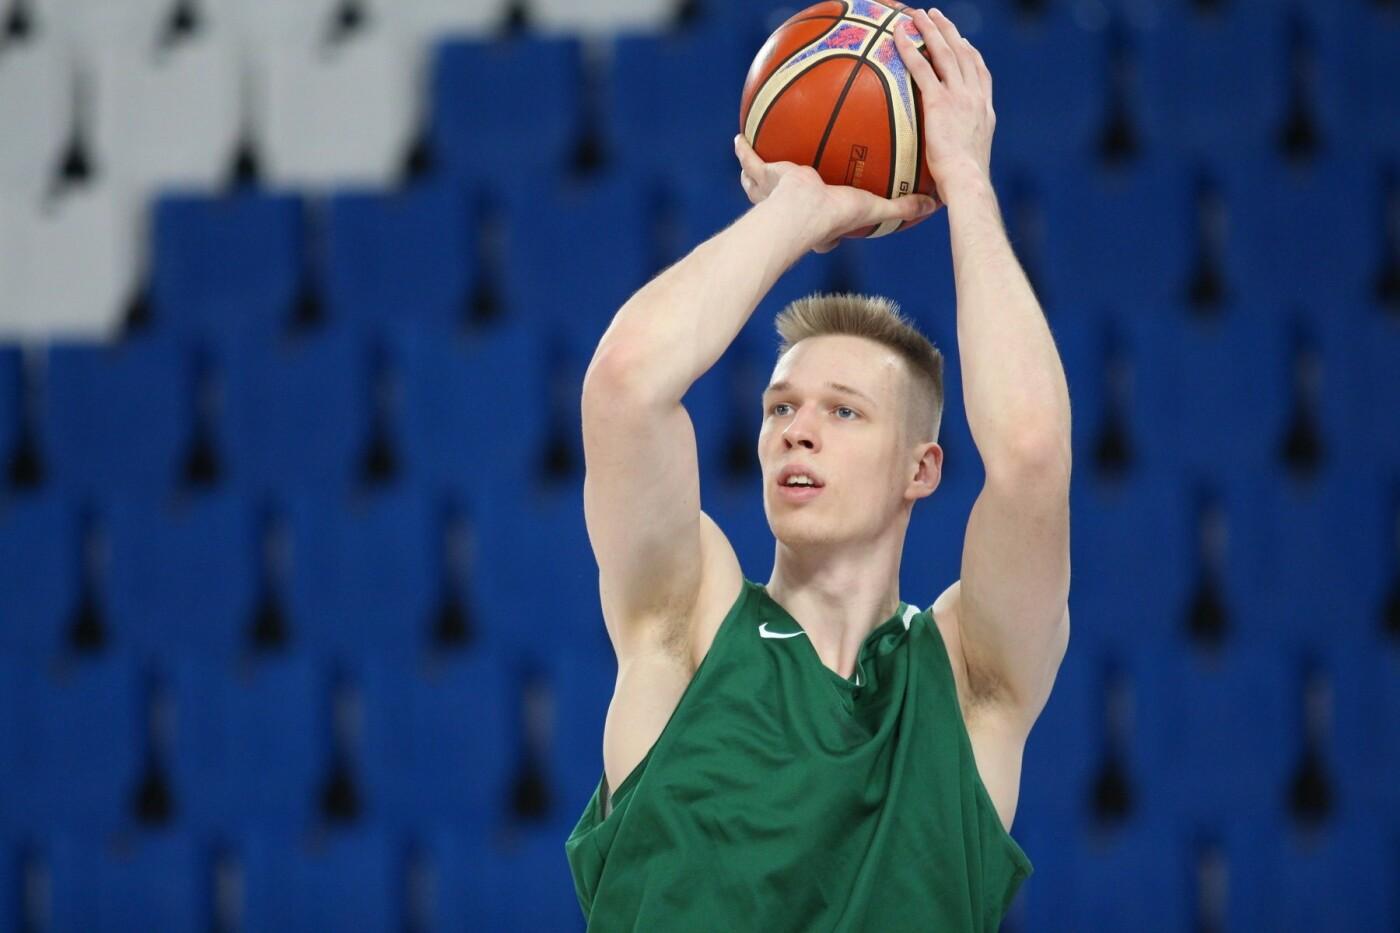 Lietuvos vyrų krepšinio rinktinė surengė vienintelę treniruotę Italijoje, nuotrauka-25